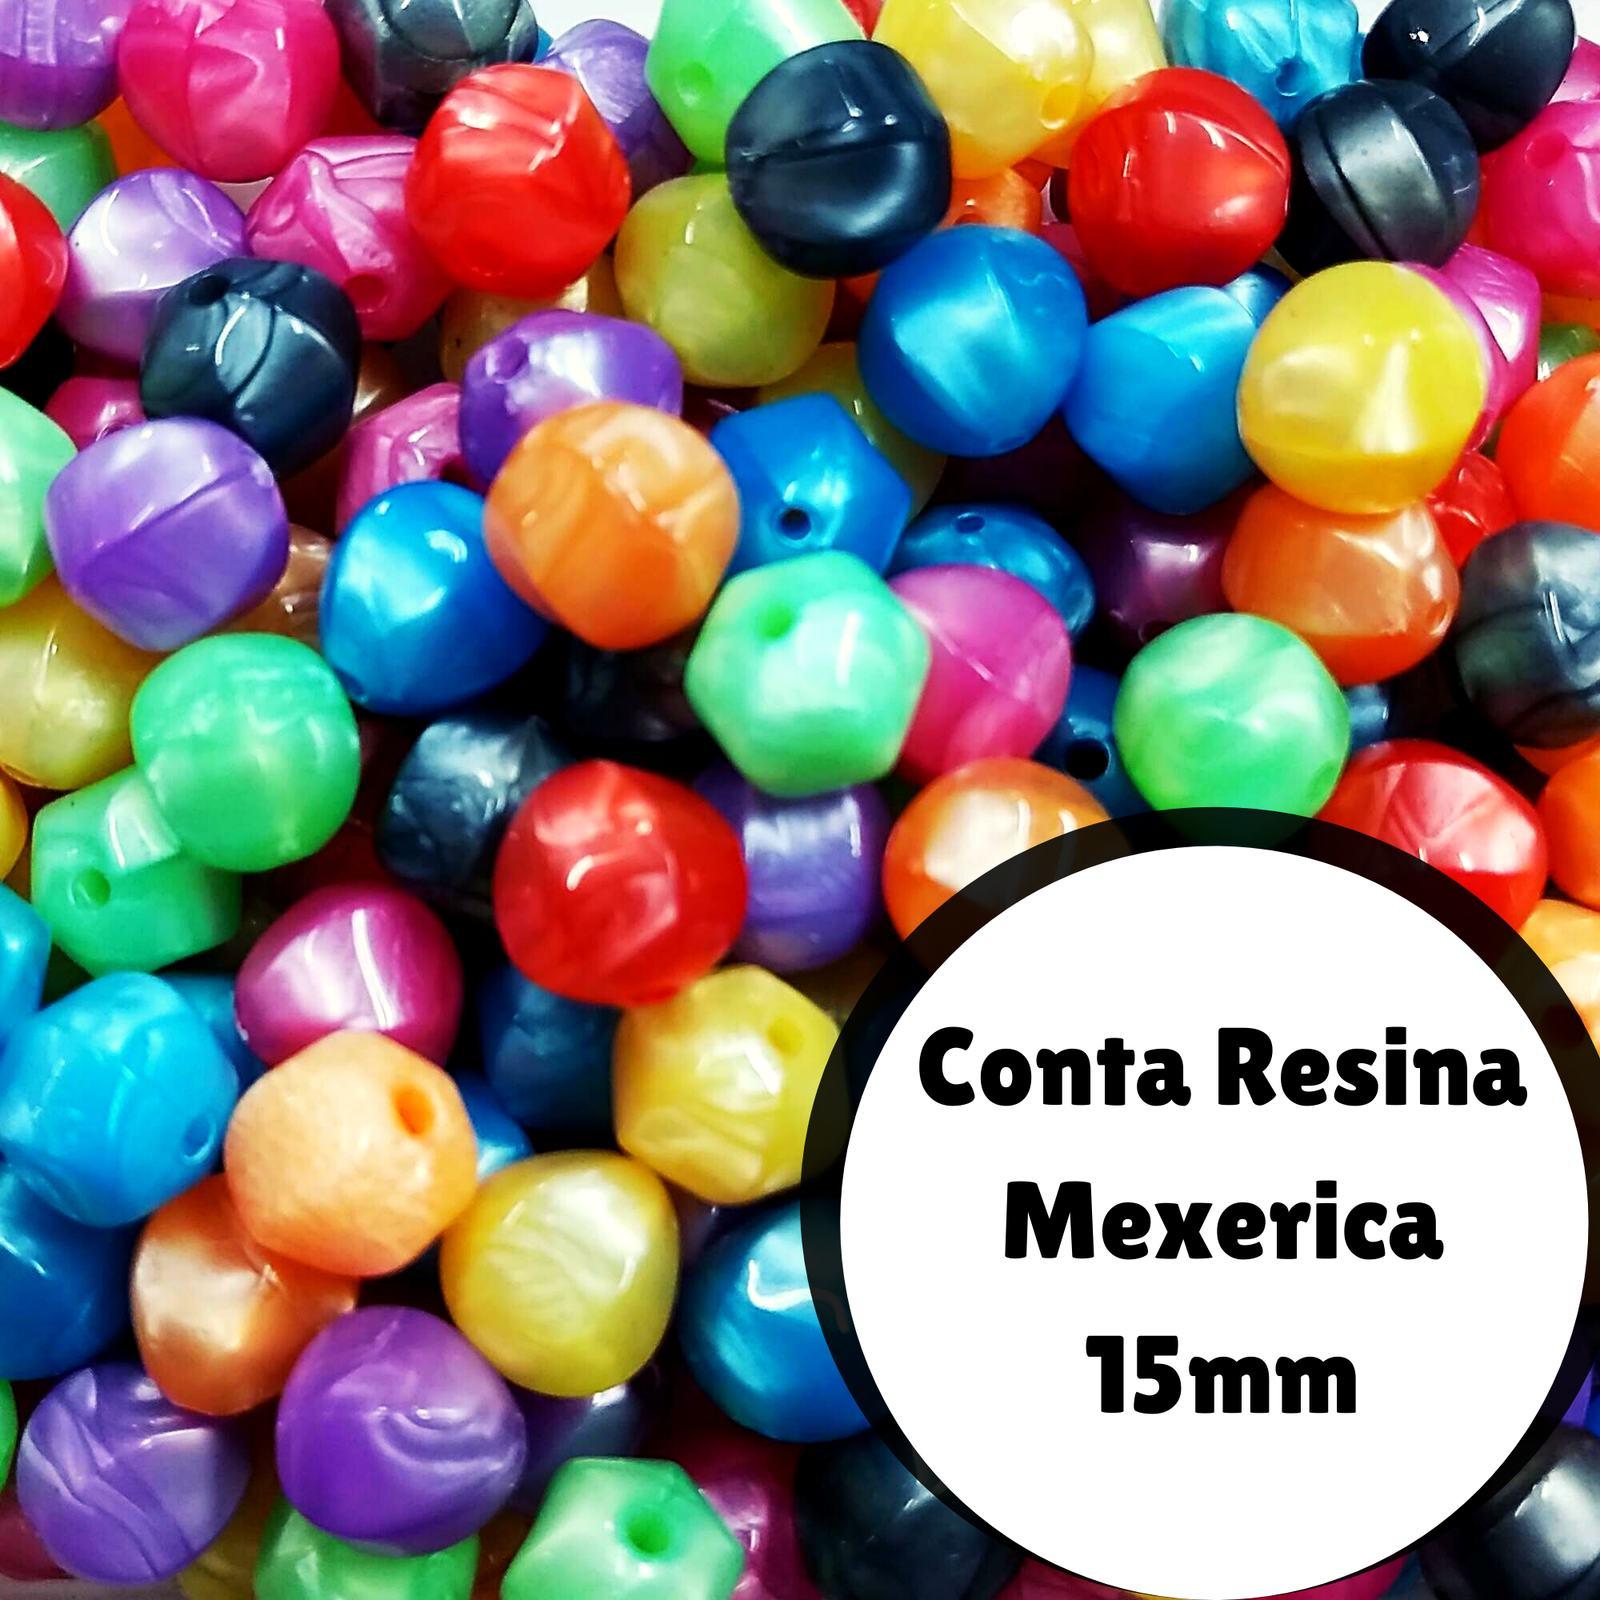 Conta Resina Mexirica Fosca 15mm c/500g